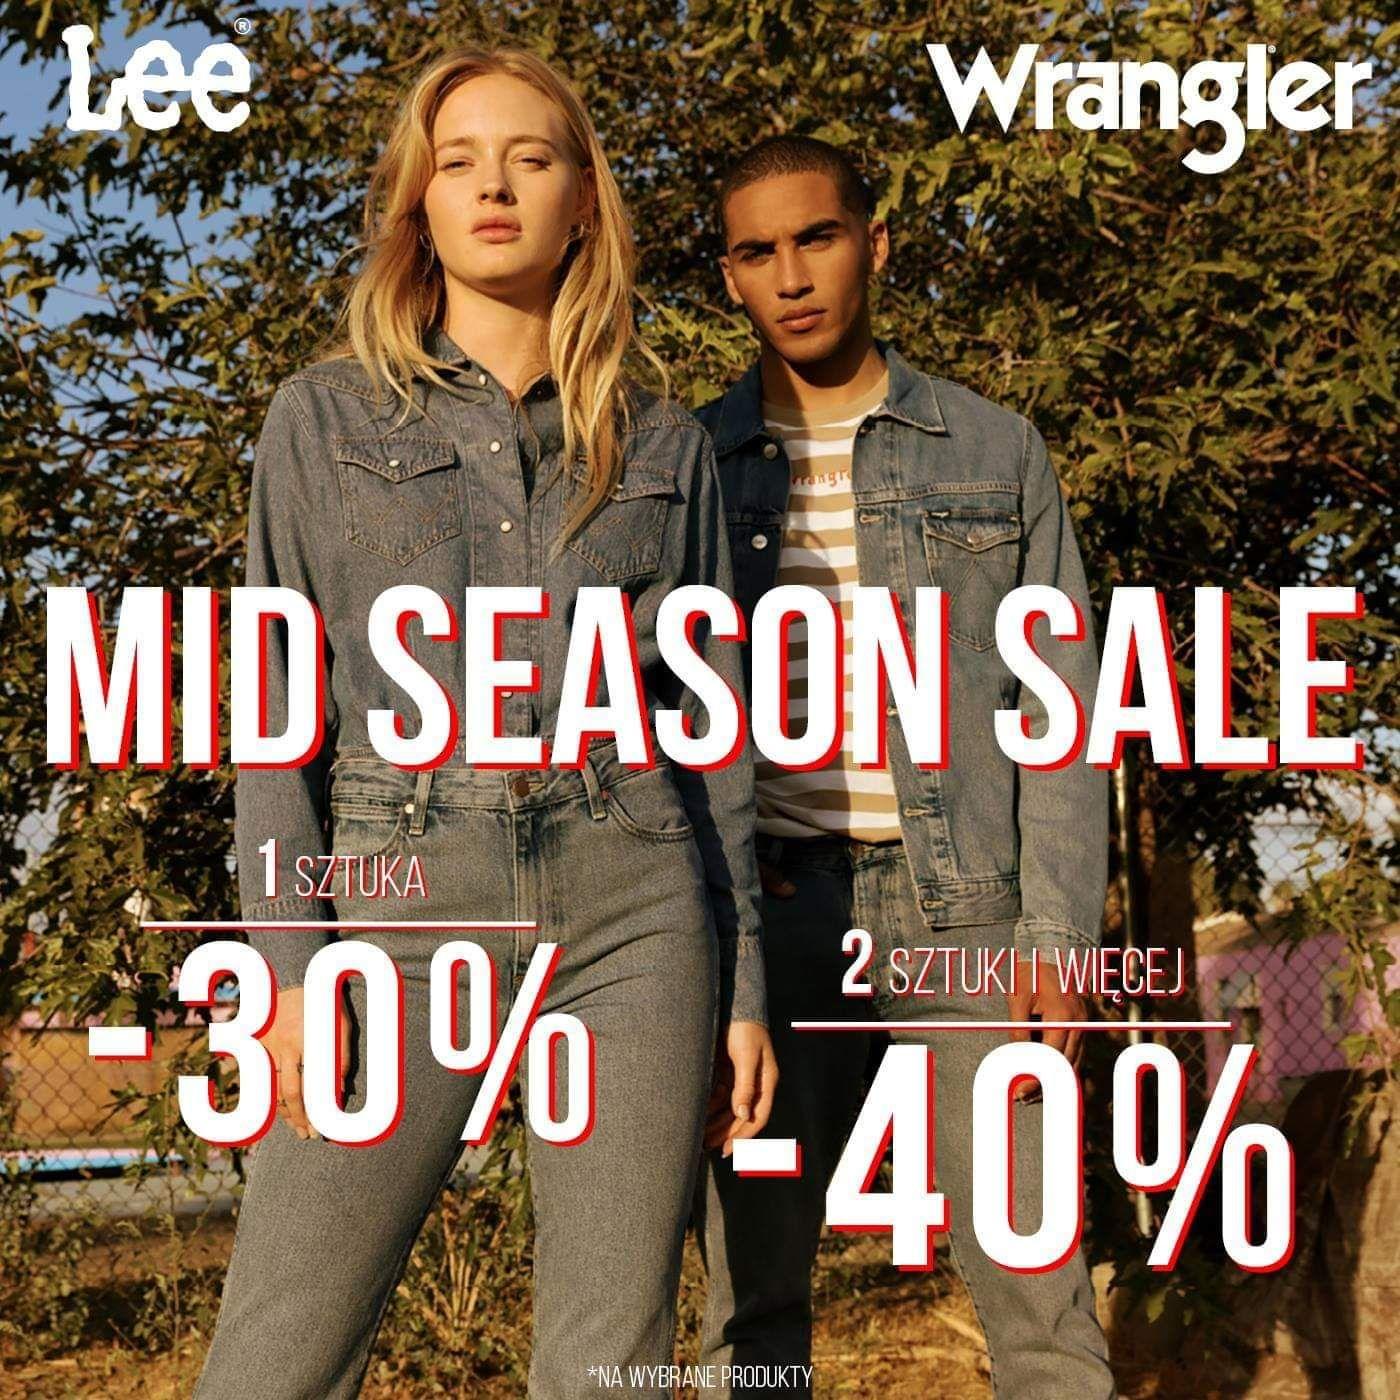 Lee Wrangler wyprzedaż 30% 1szt 40% przy zakupie 2szt i więcej